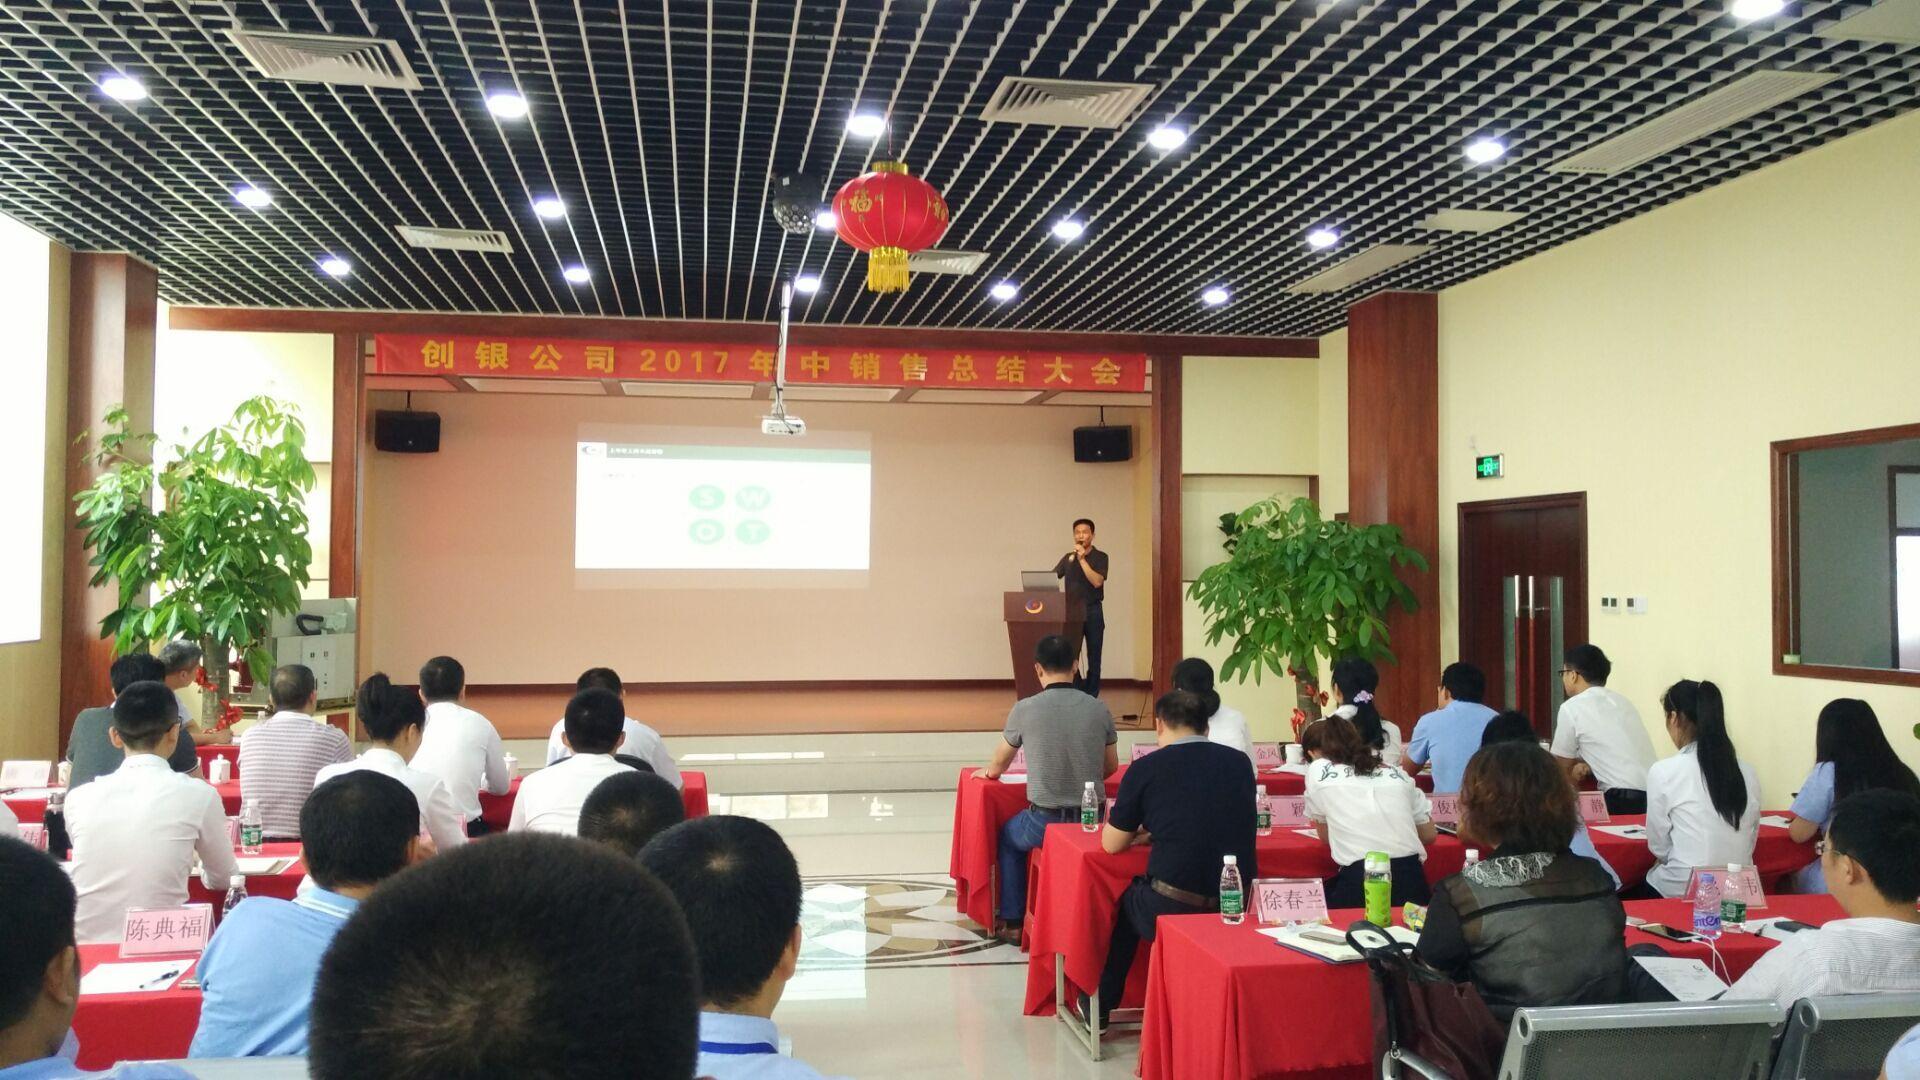 17年7月1日在珠海创银召开创银科技2017年中销售总结和下半年计划